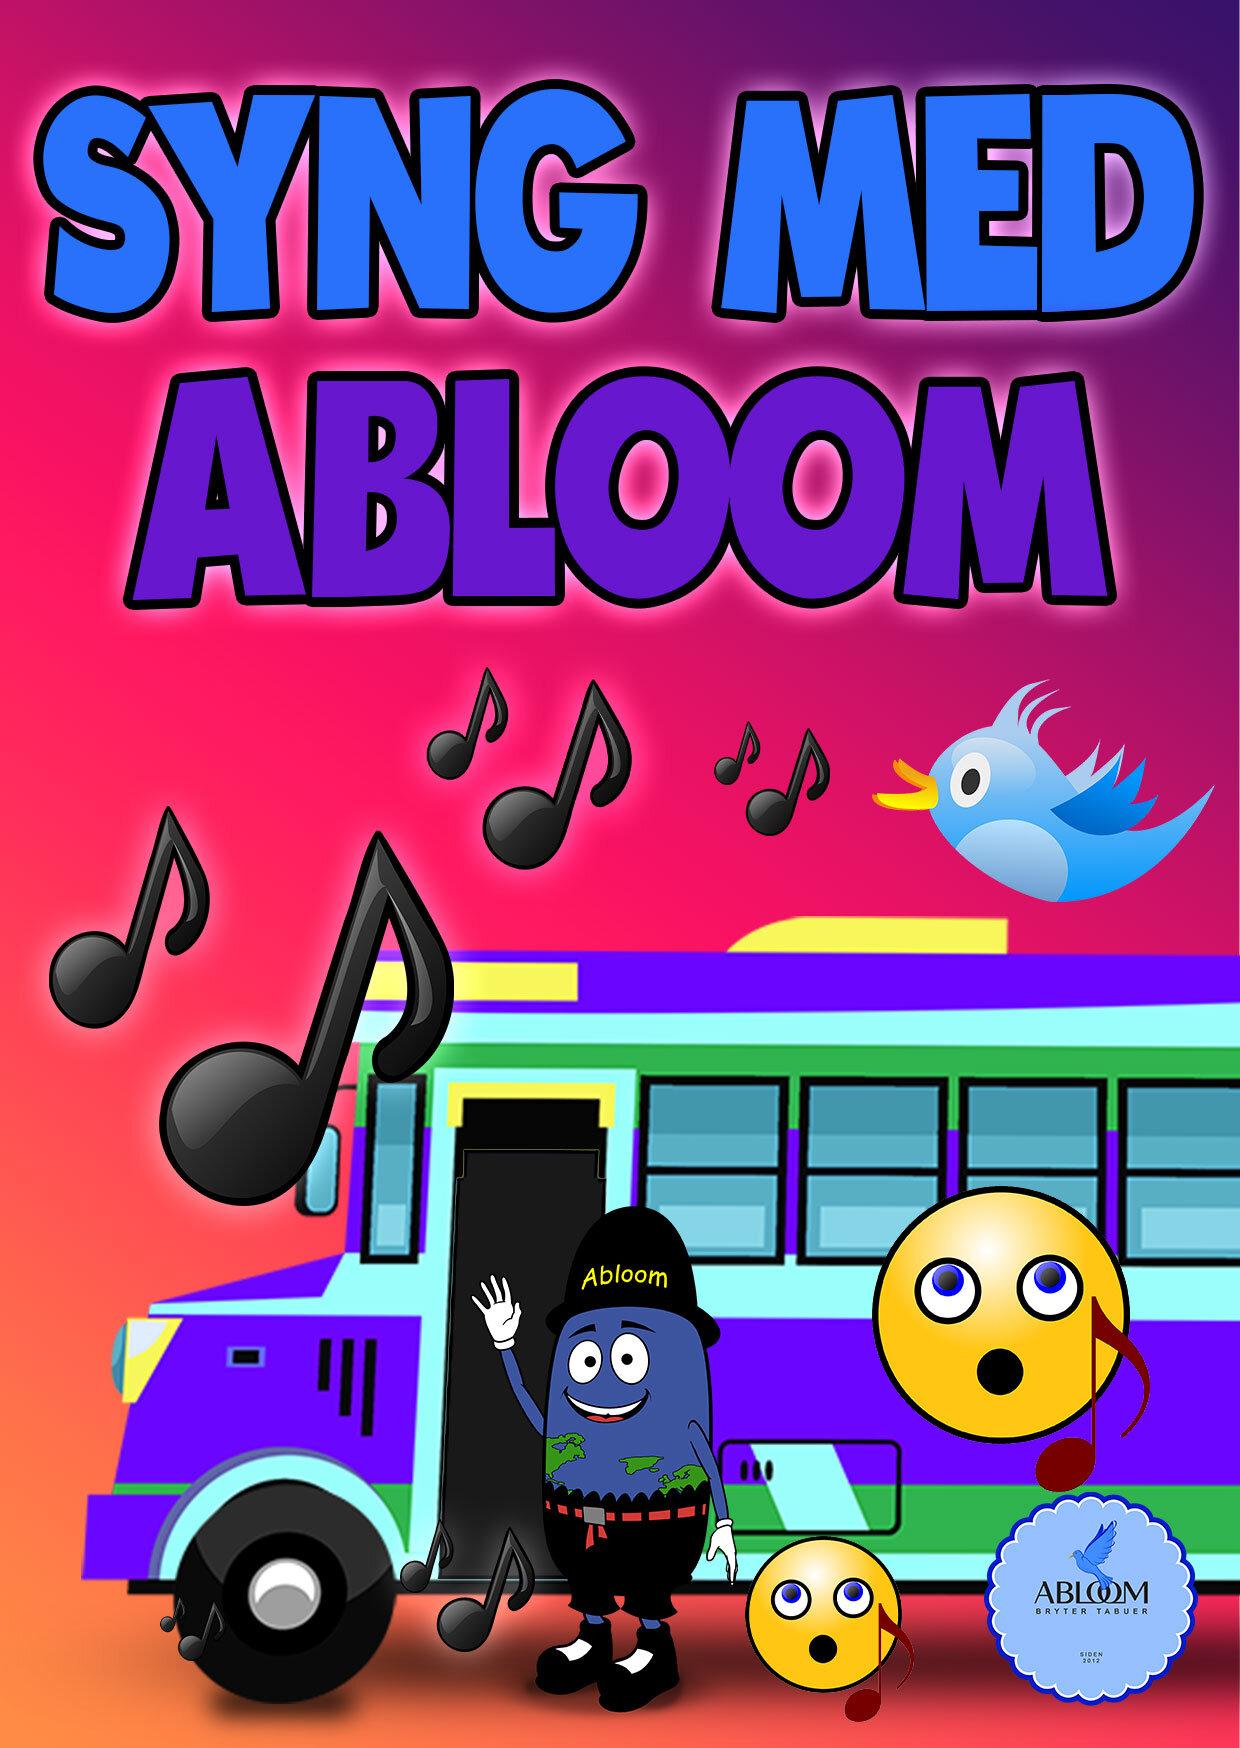 Syng med Abloom og vennene hans